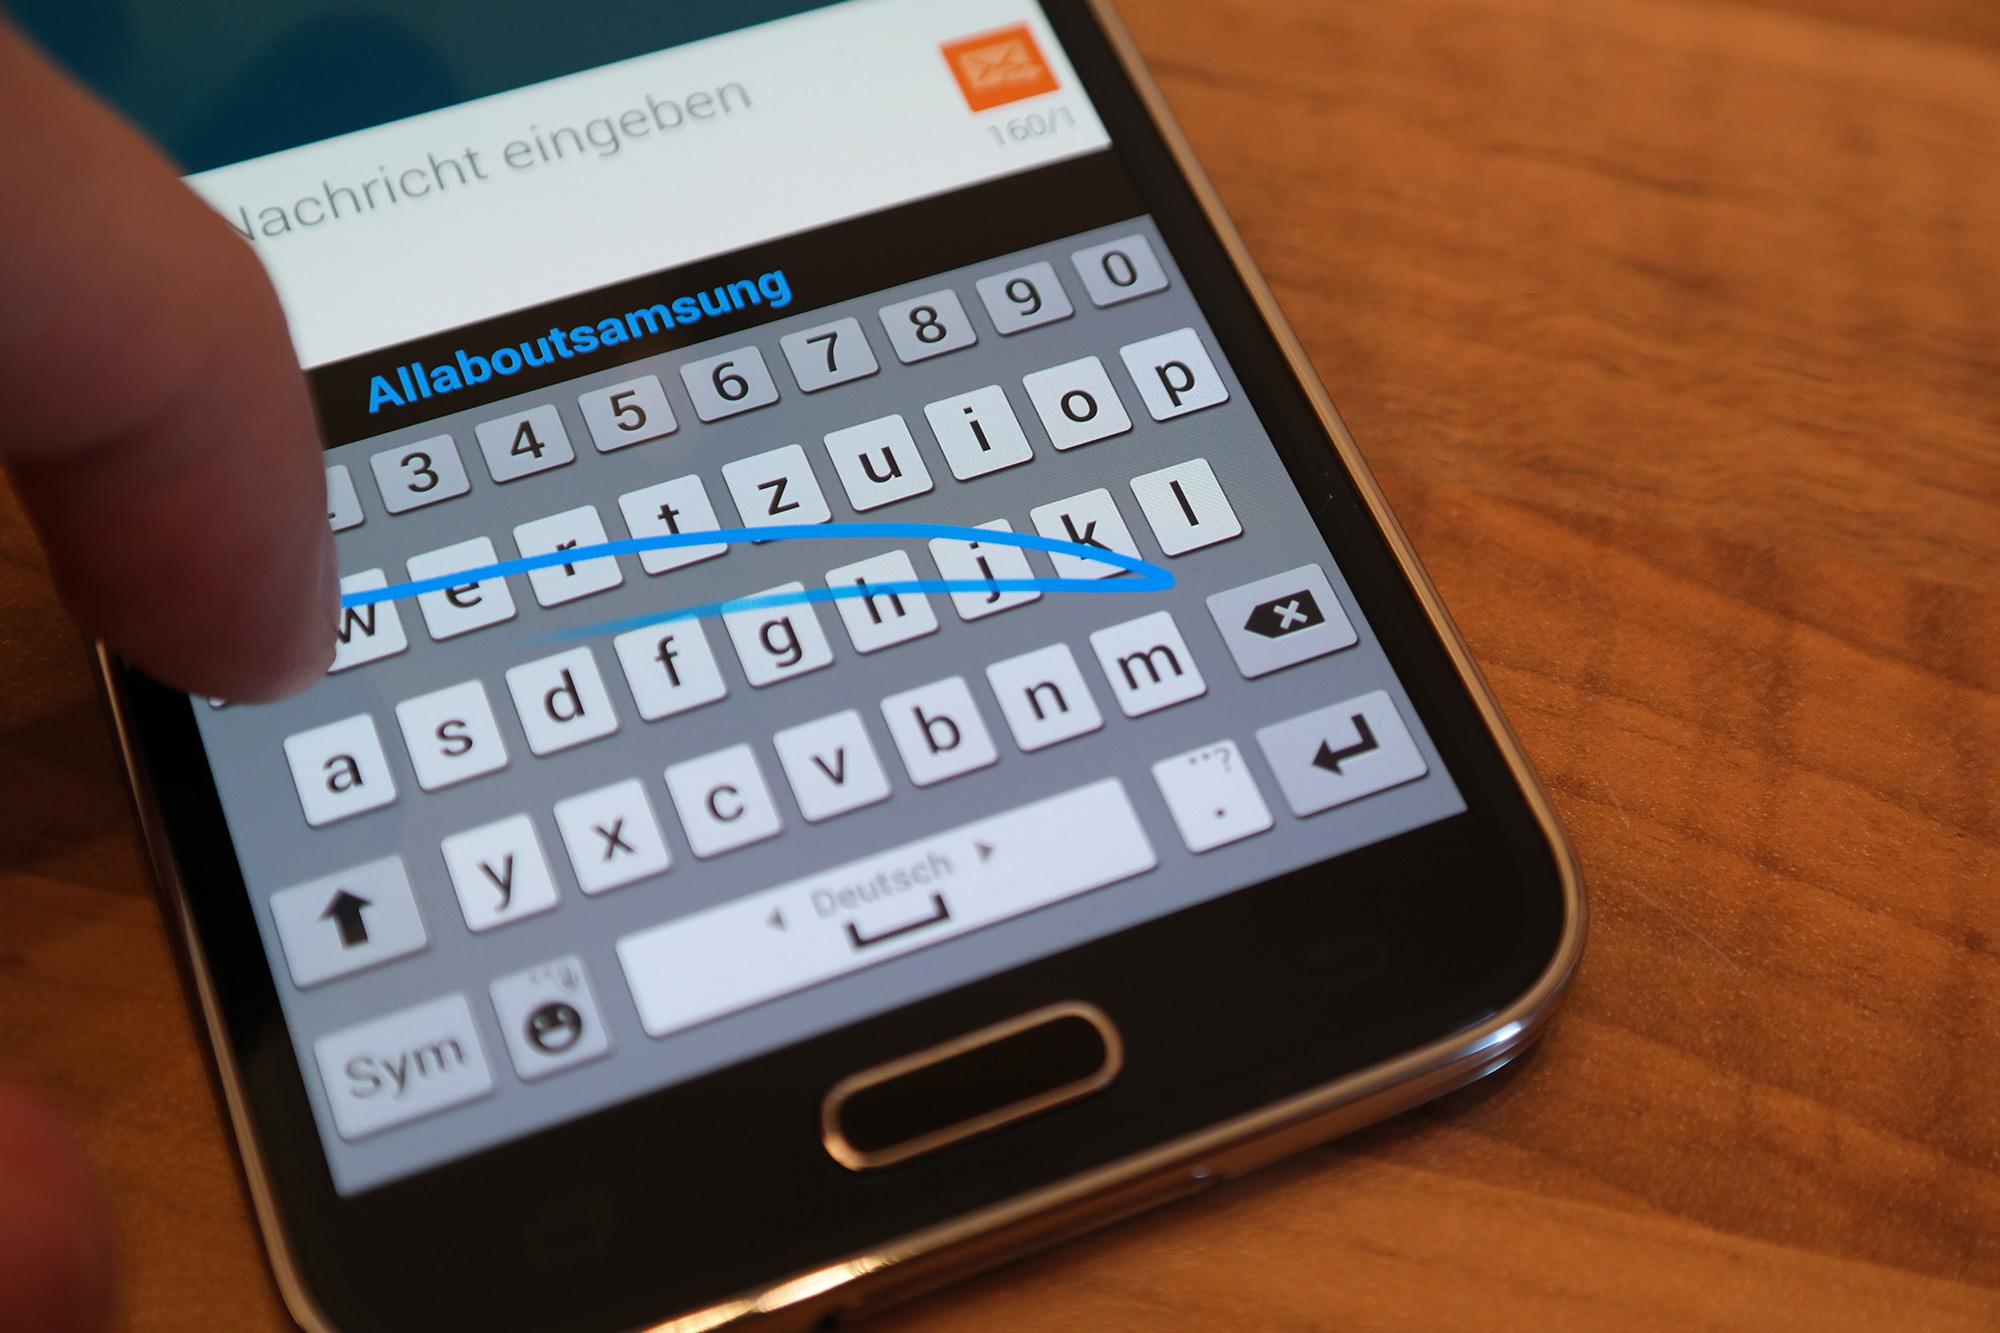 Samsung Galaxy S5 Tipps Und Tricks All About Samsung